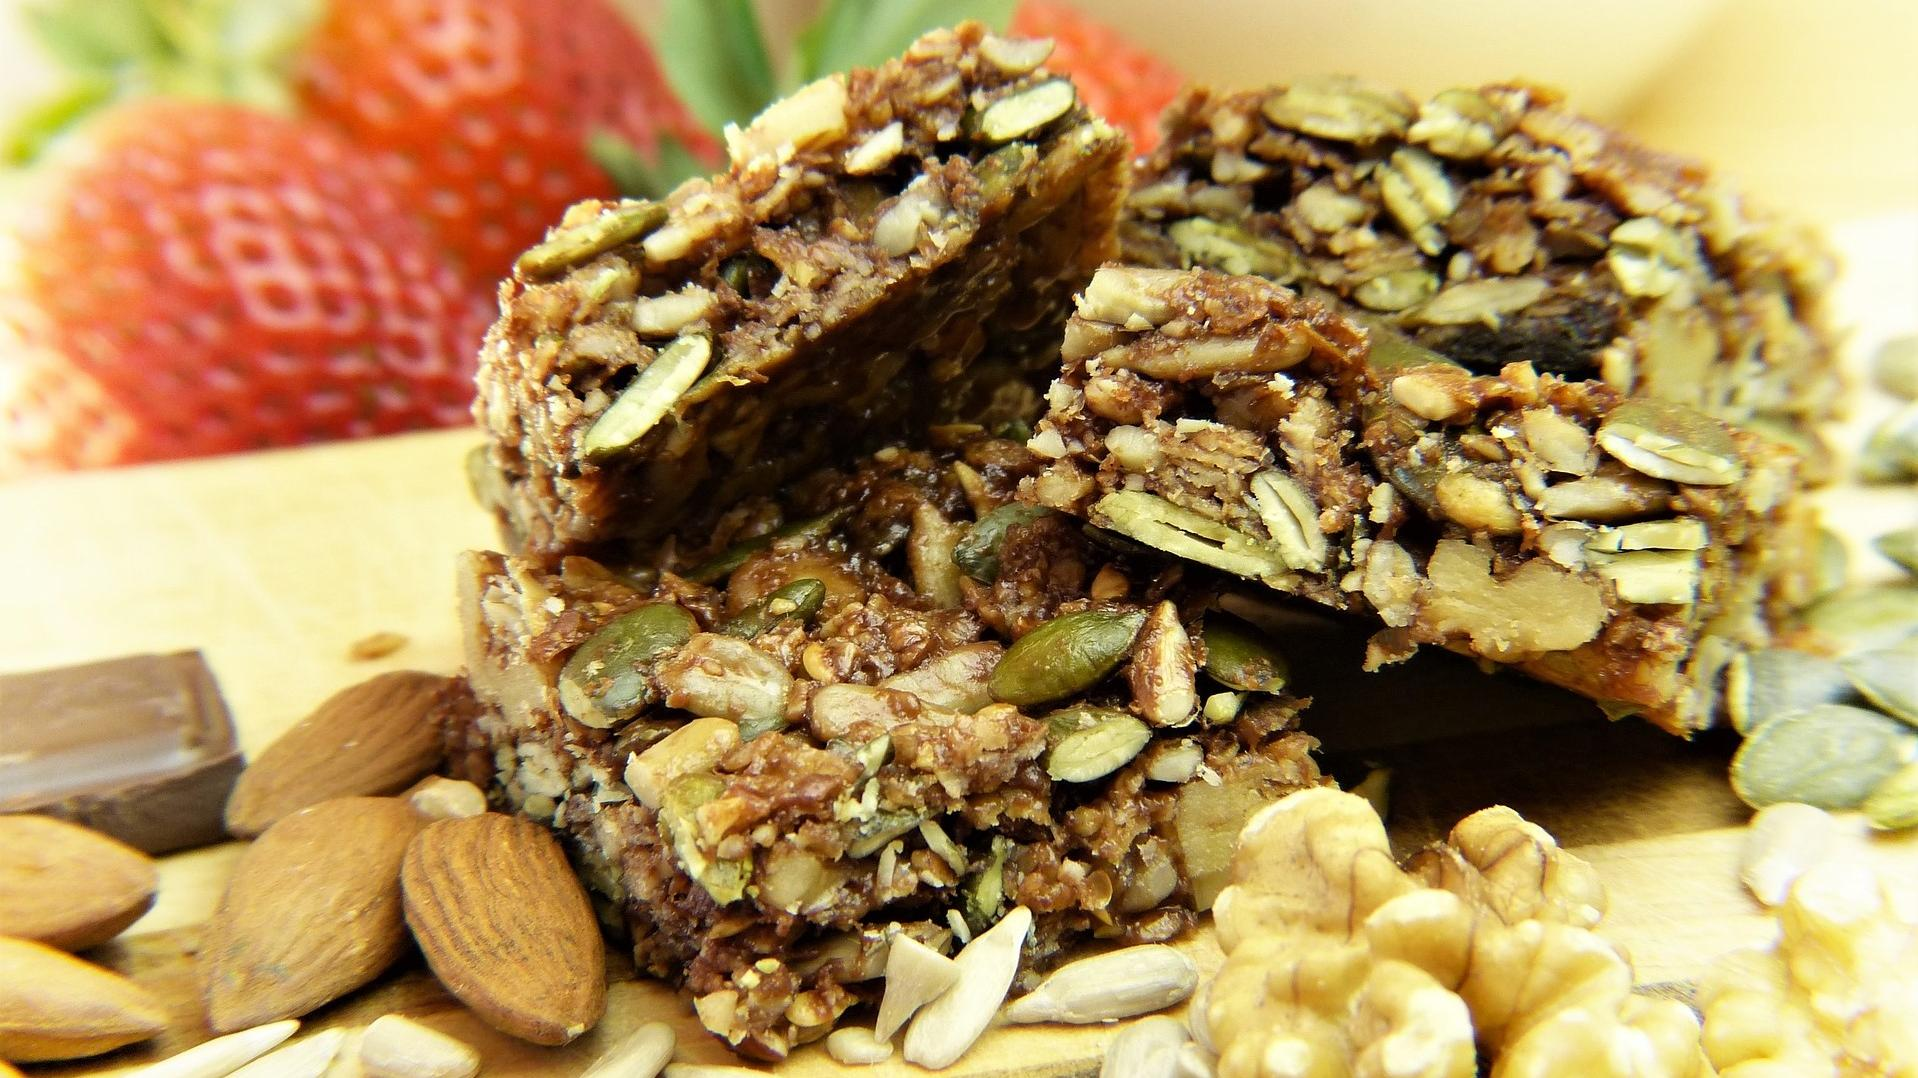 Zuckerfreie Snacks: Bereiten Sie gesunde Müsliriegel unkompliziert selbst zu